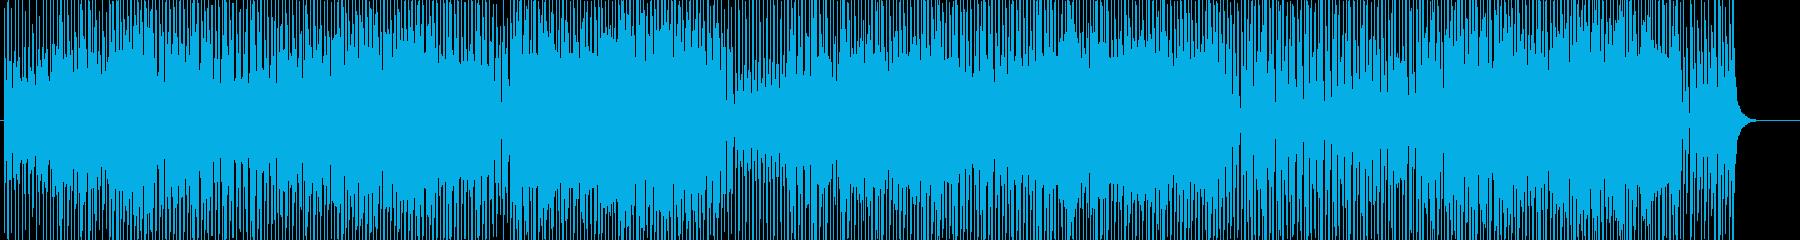 ハッピーで明るいウクレレと口笛BGM♬の再生済みの波形